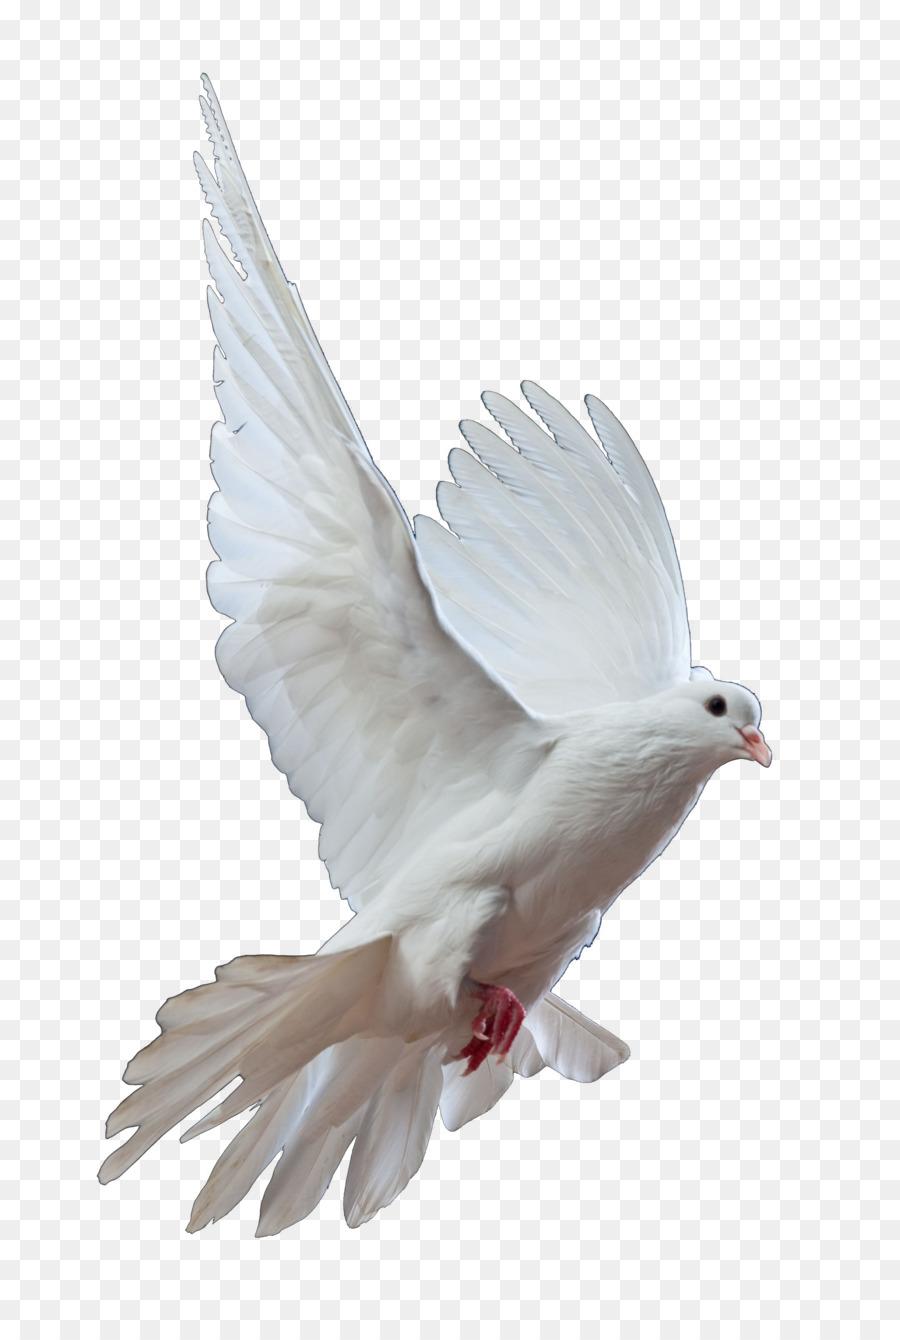 Descarga gratuita de Homing Pigeon, Columbidae, Pájaro Imágen de Png